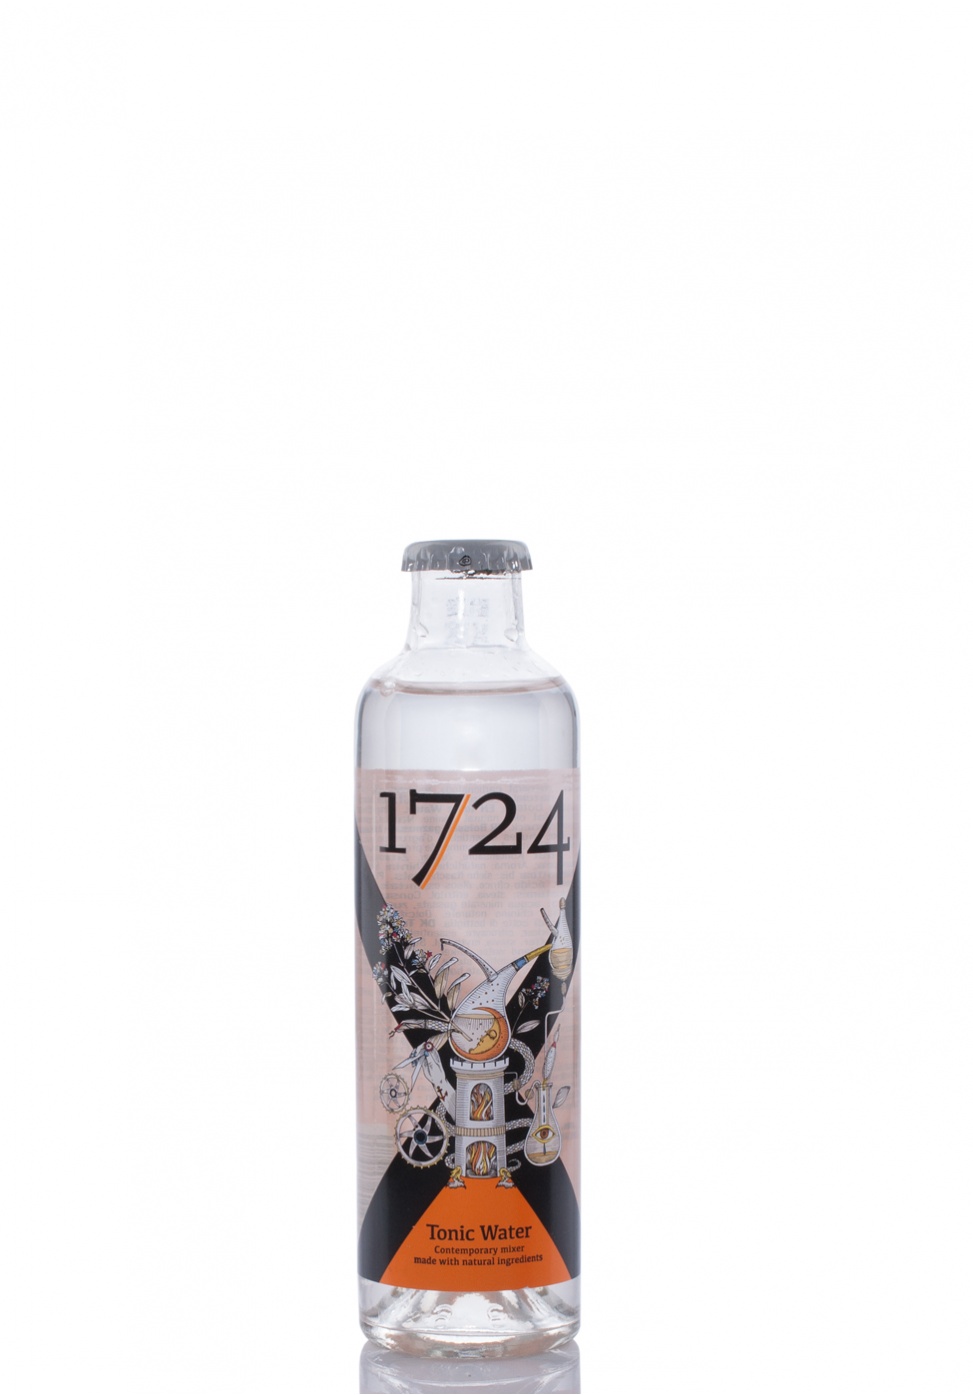 Apa tonica premium 1724 (Bax 24 st x 0.2L)